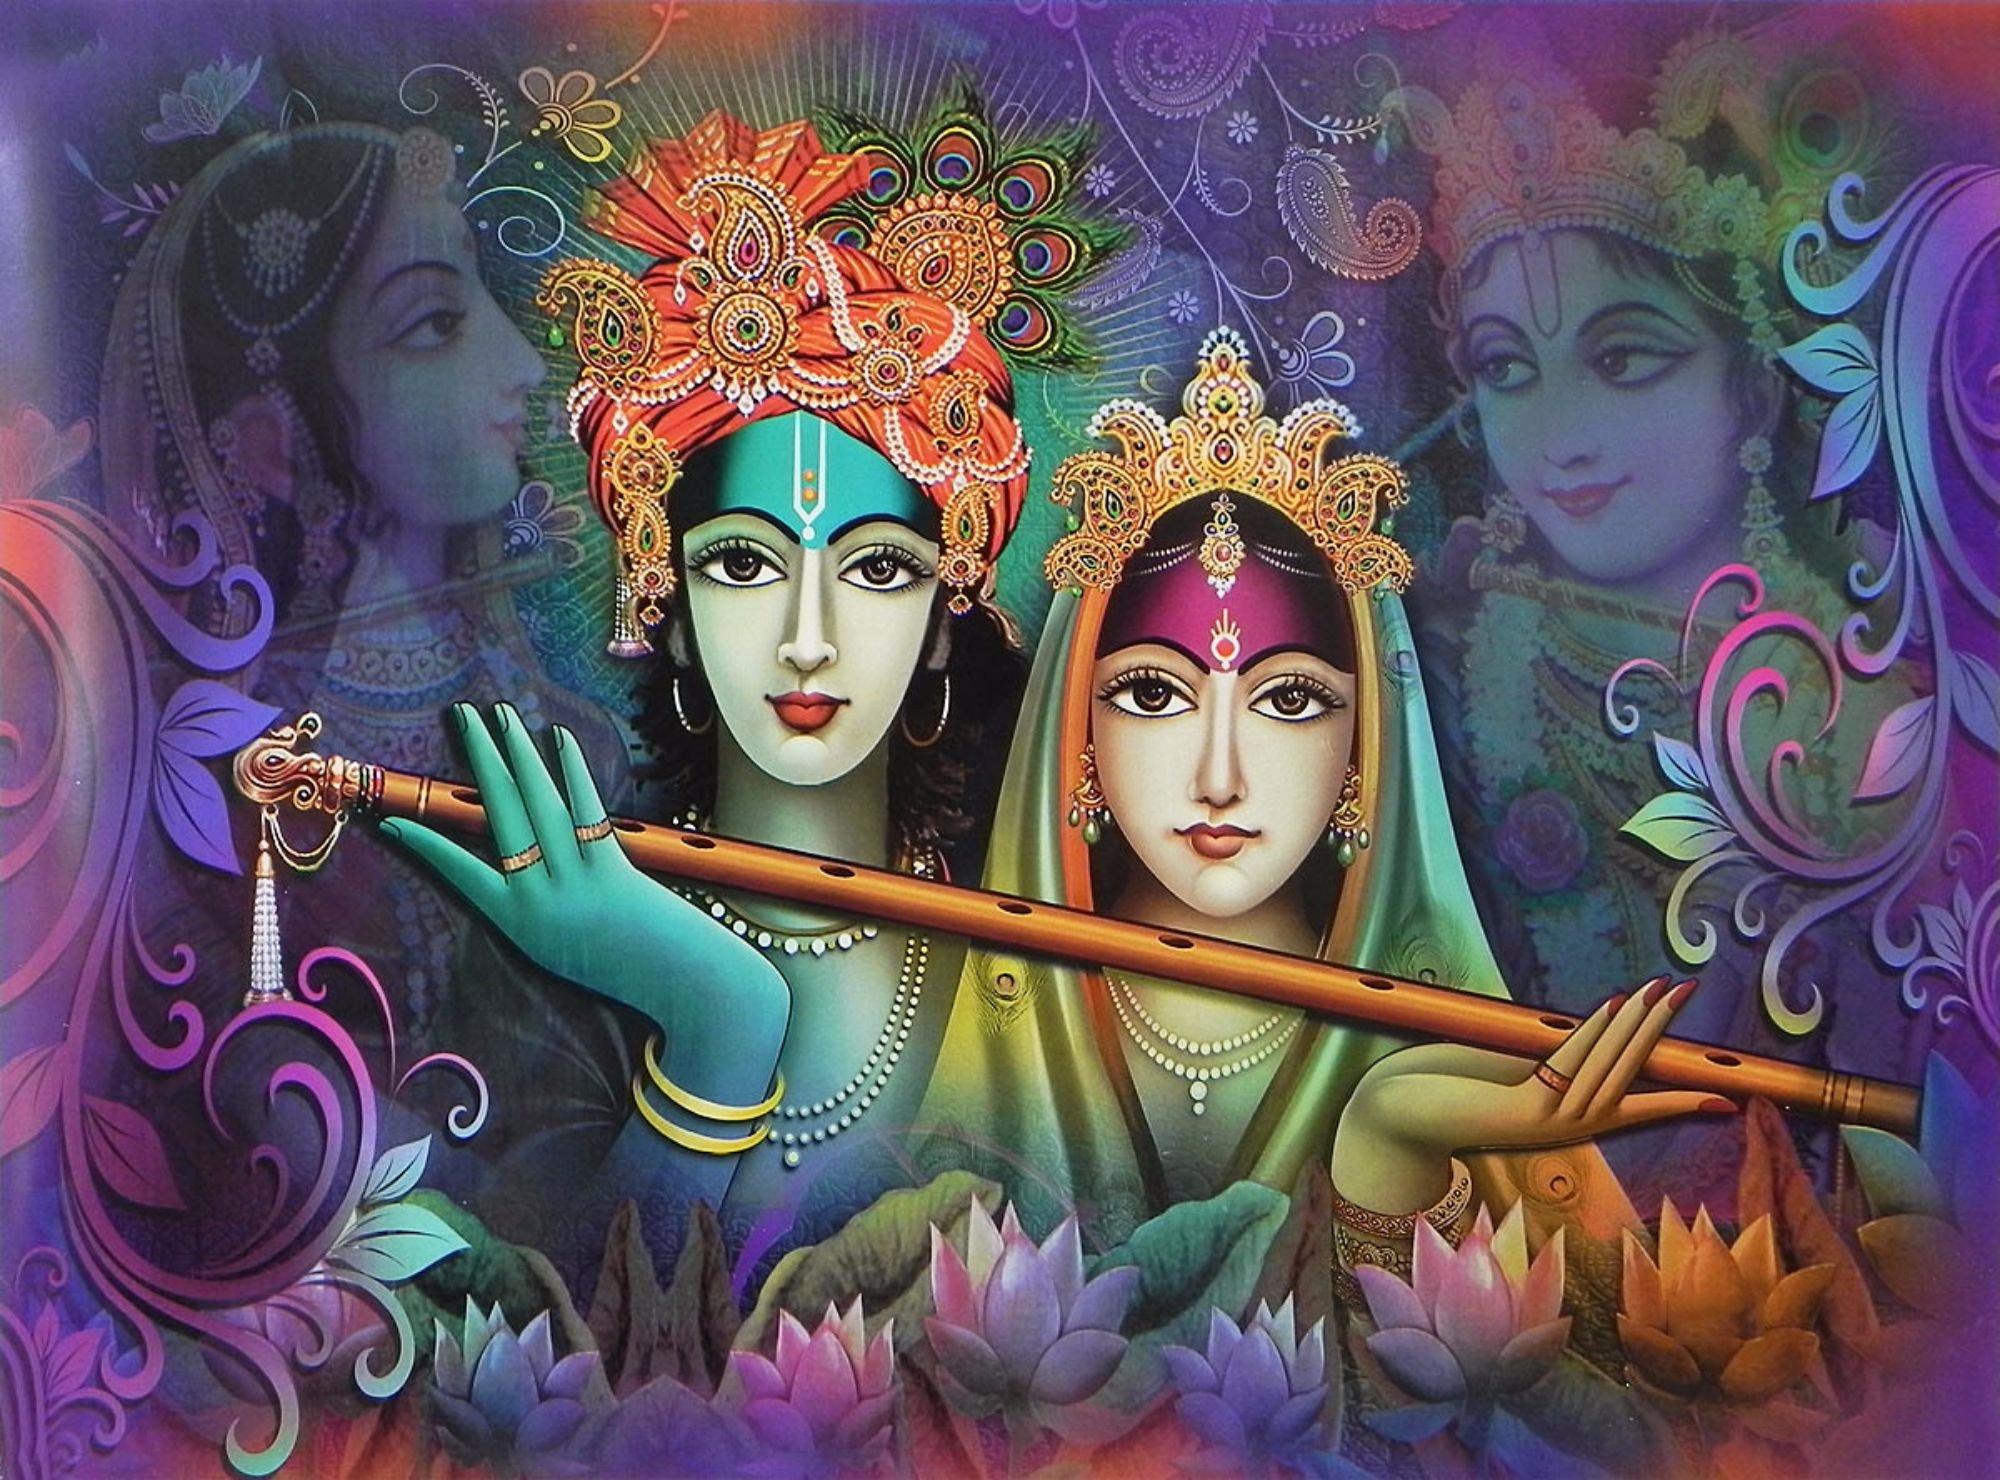 Radha e Krishna, o casal sagrado da Índia, que personifica o ideal de todos os casais